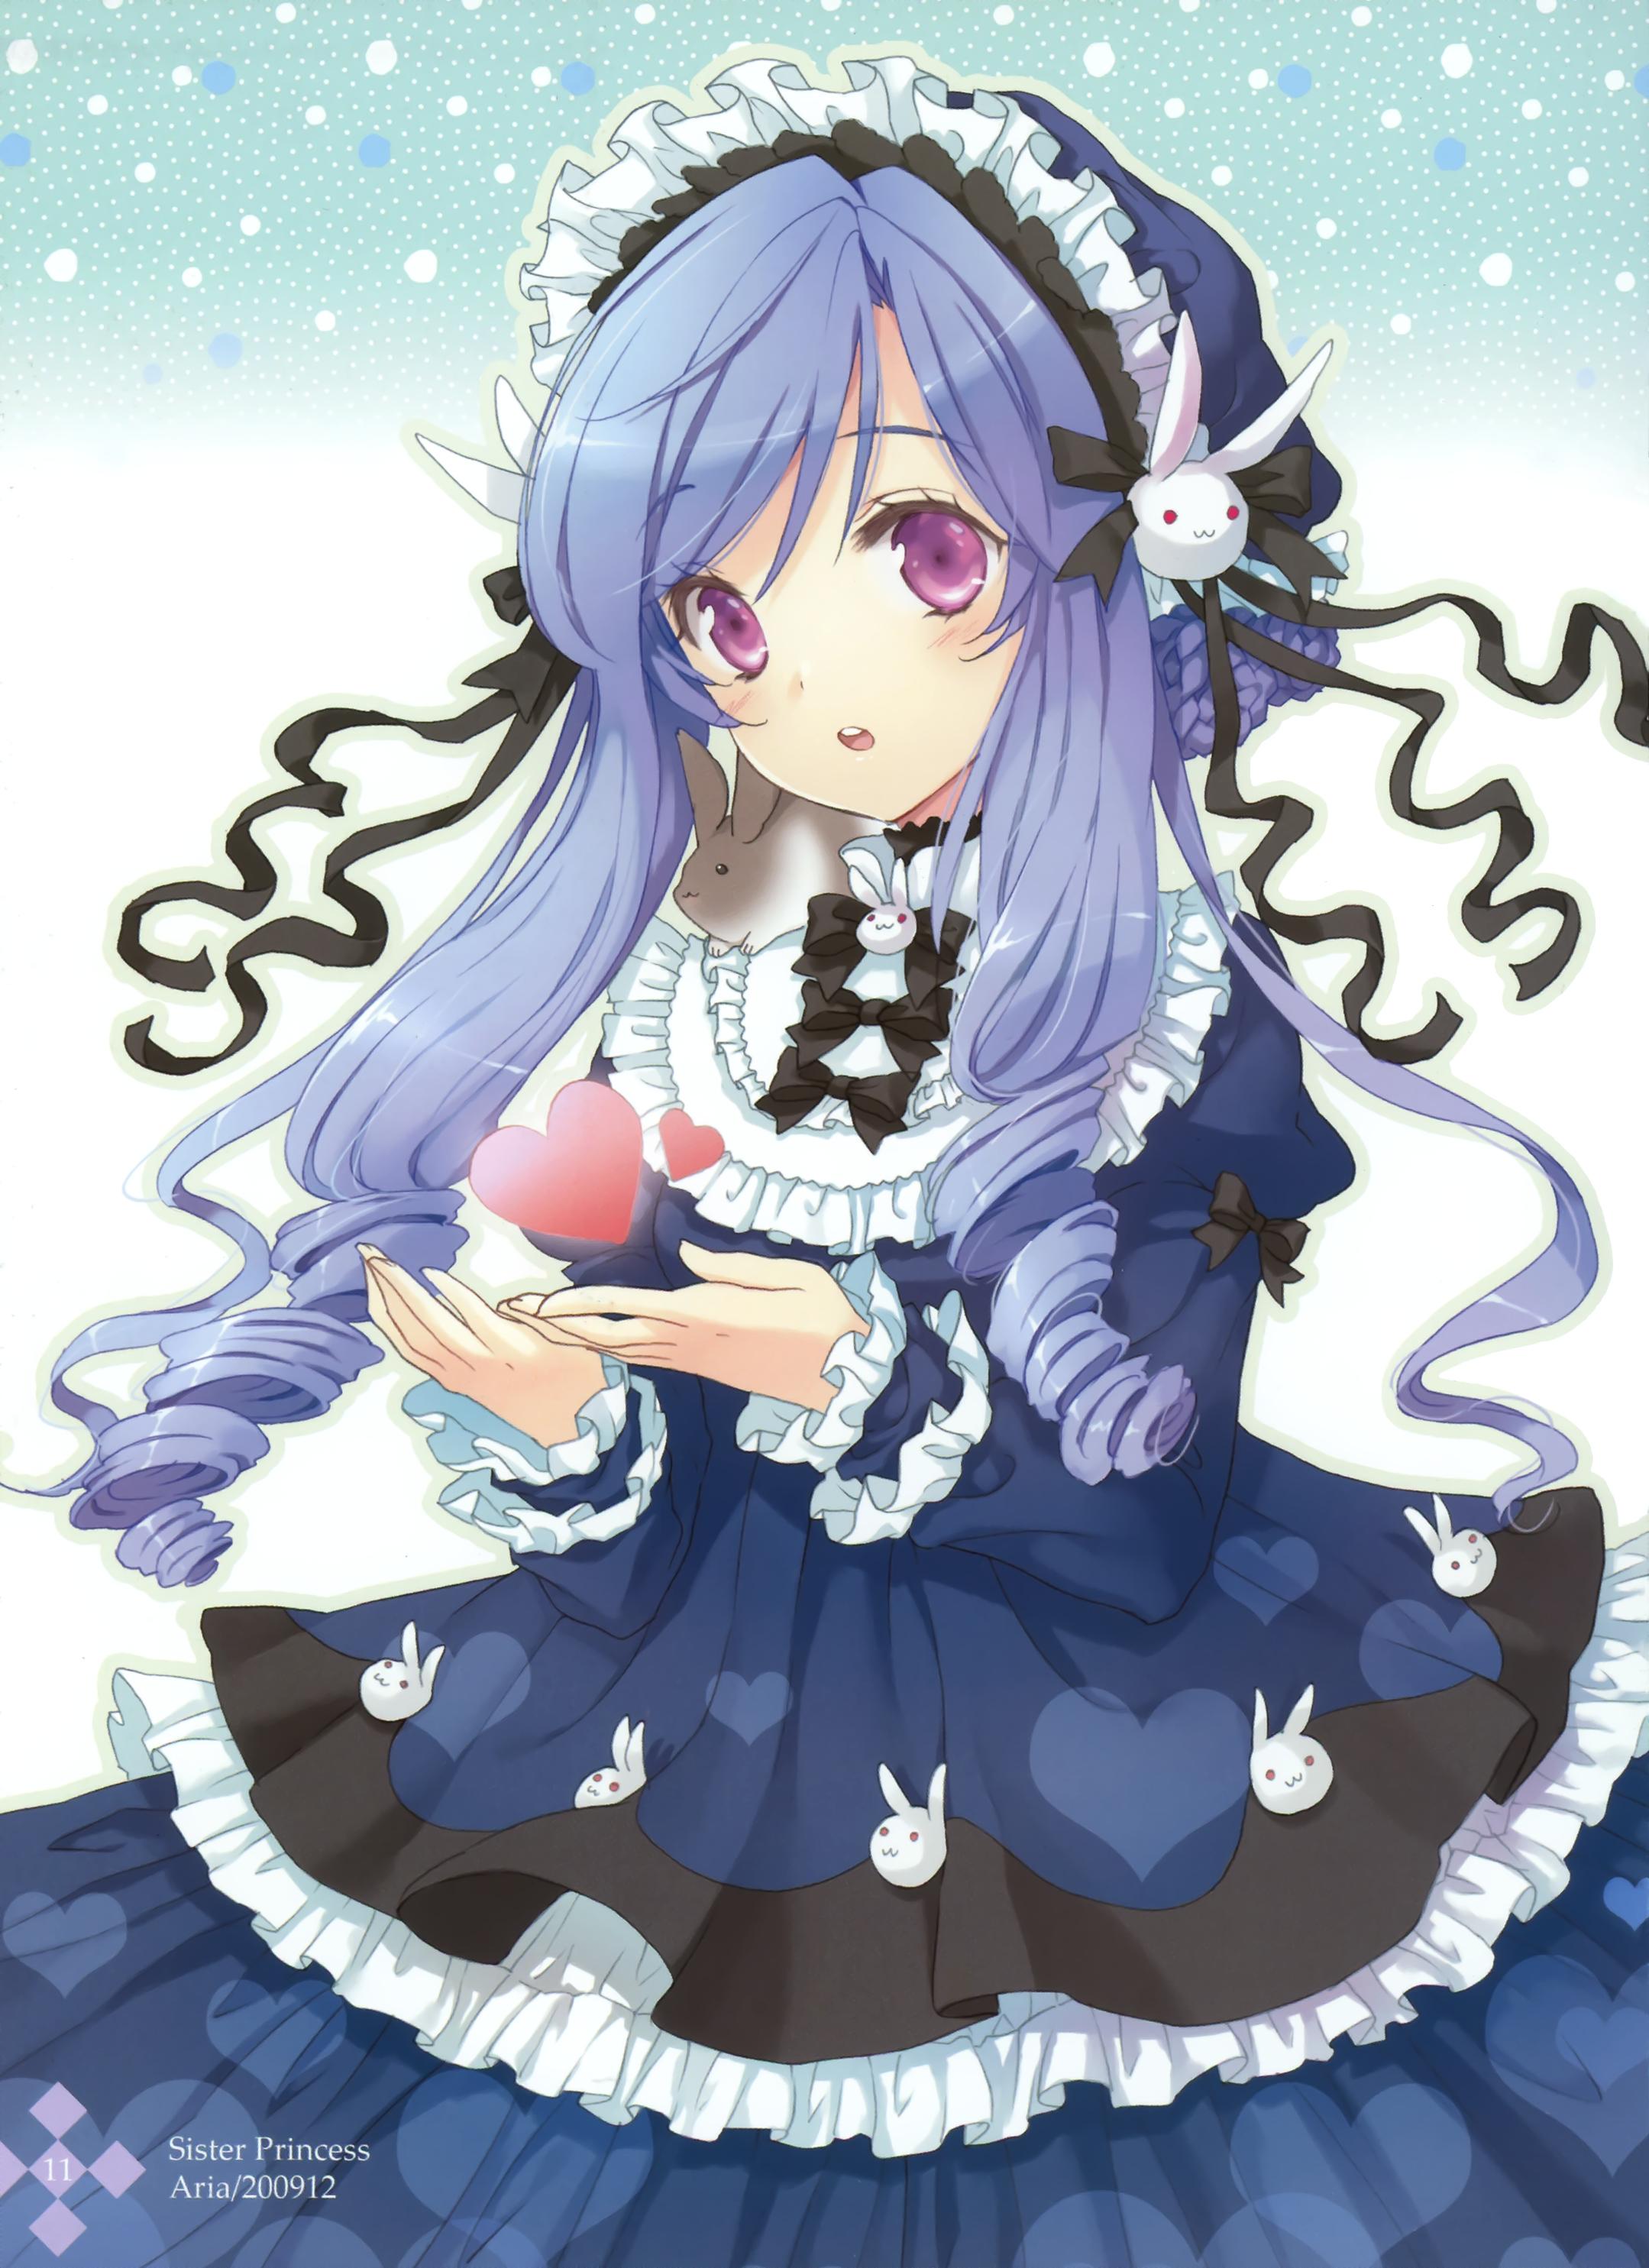 Tranh vẽ cô công chúa tóc tím cực xinh